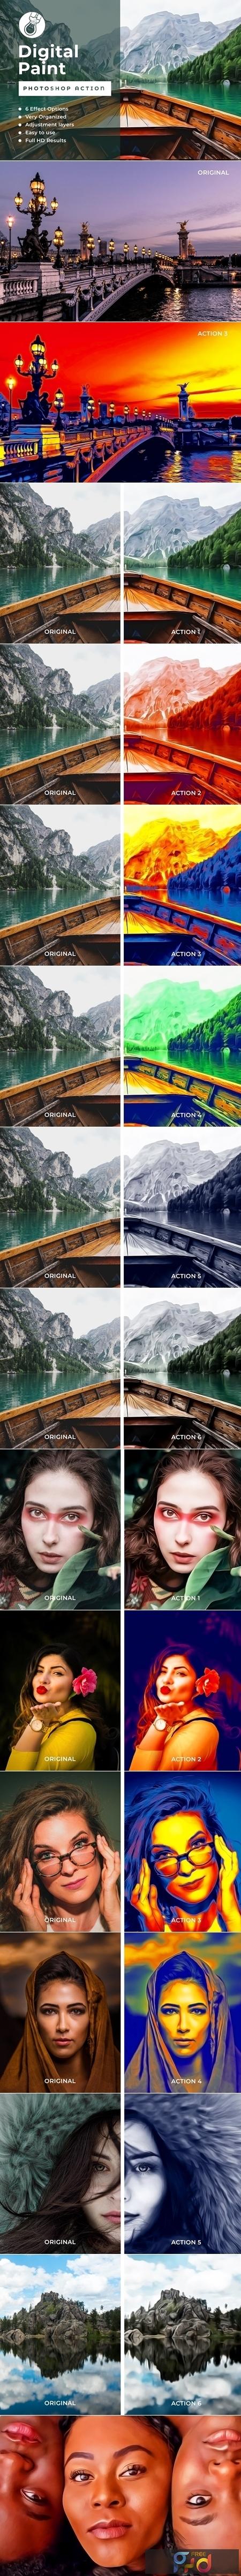 Digital Paint PhotoshopAction 4107718 1